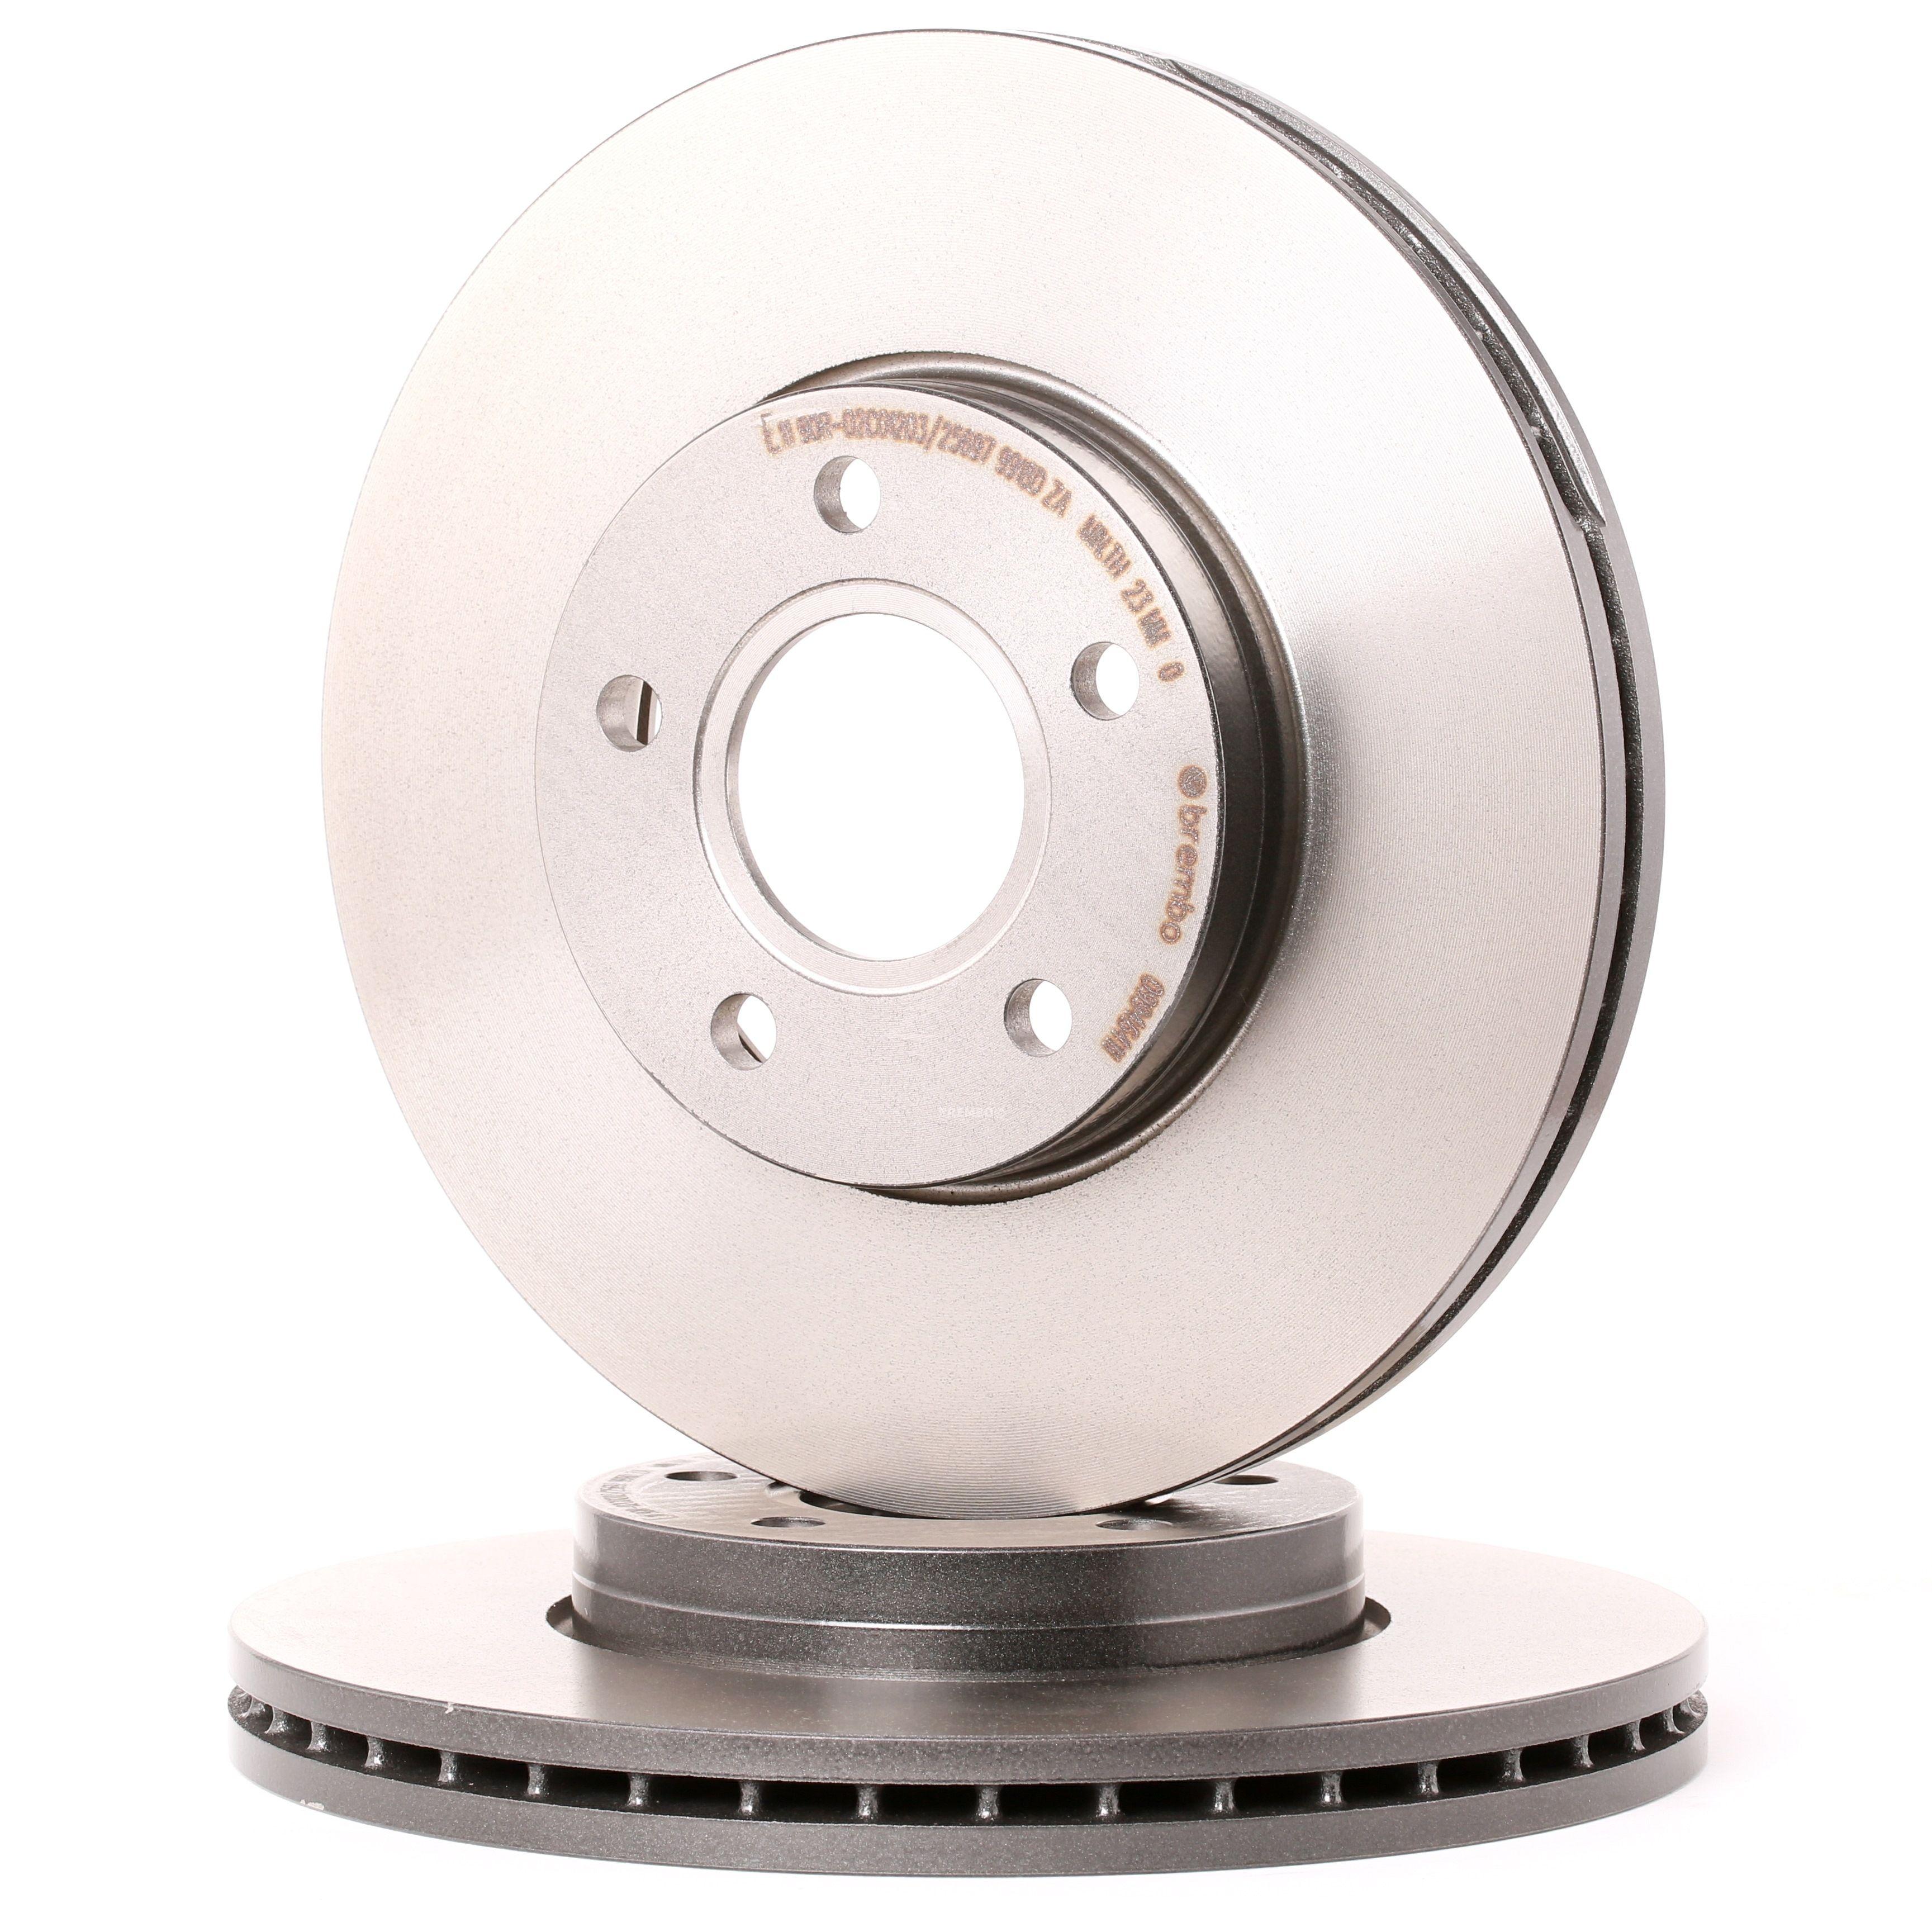 VOLVO V50 2007 Bremsscheiben - Original BREMBO 09.9464.11 Ø: 278mm, Lochanzahl: 5, Bremsscheibendicke: 25mm